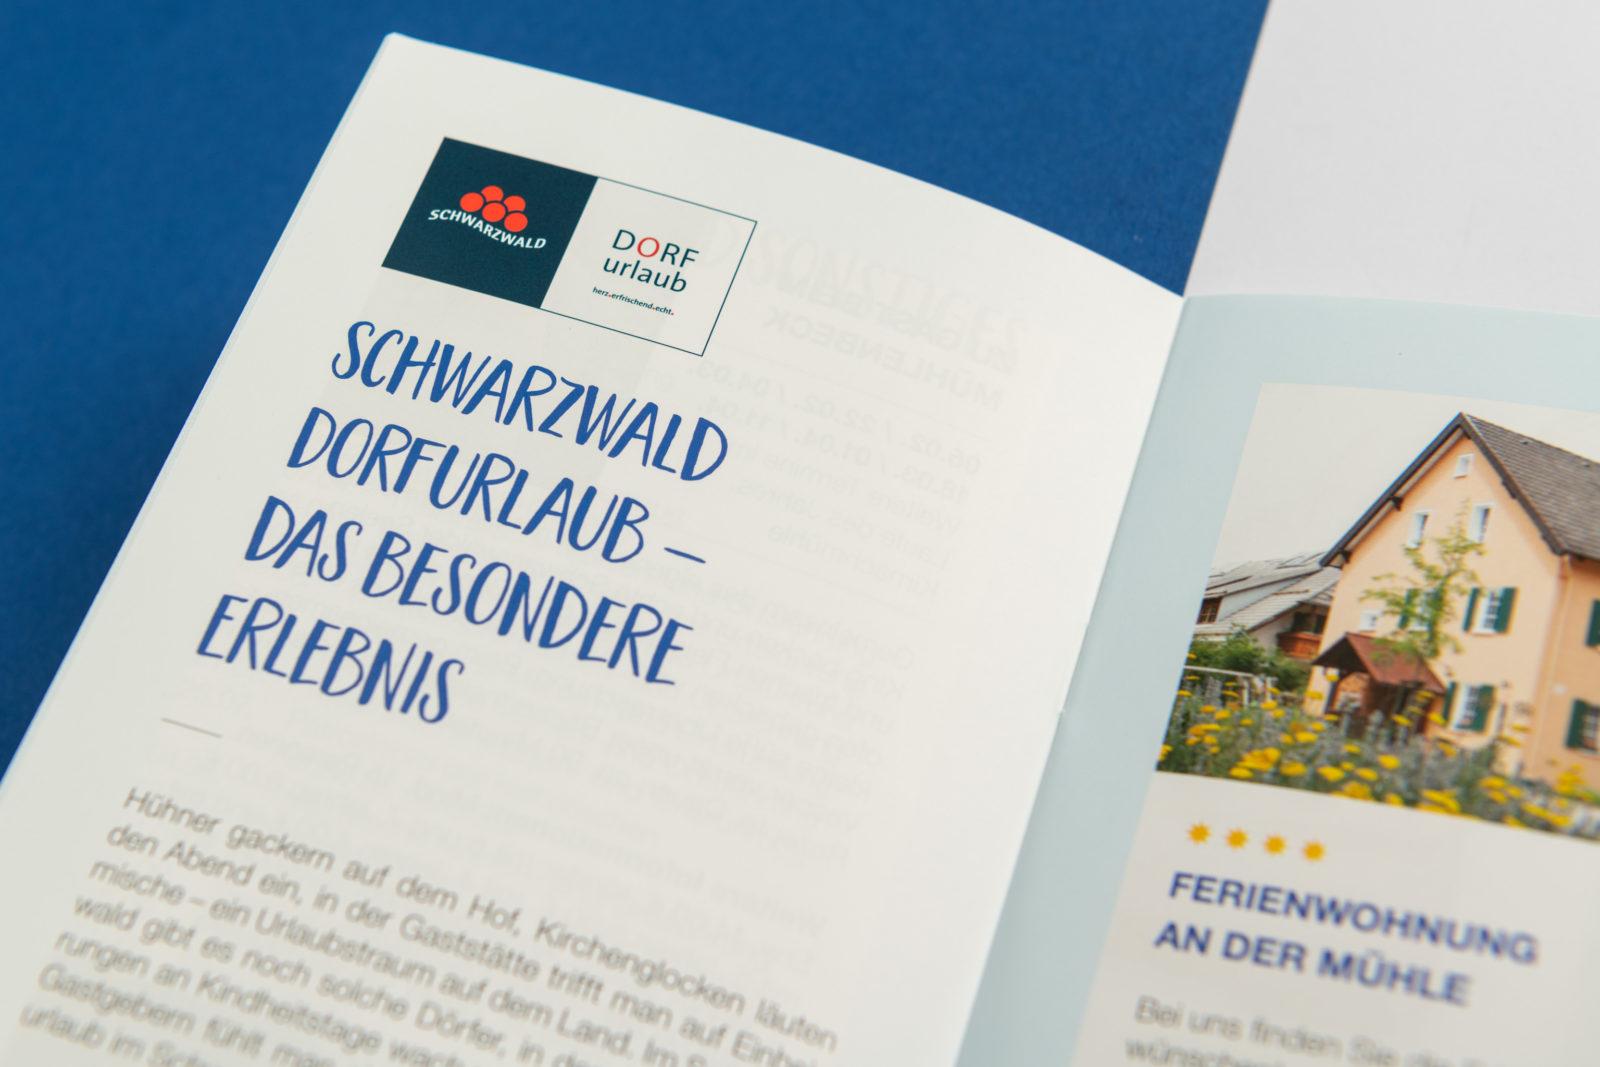 Unterkirnach Schwarzwald Dorfurlaub